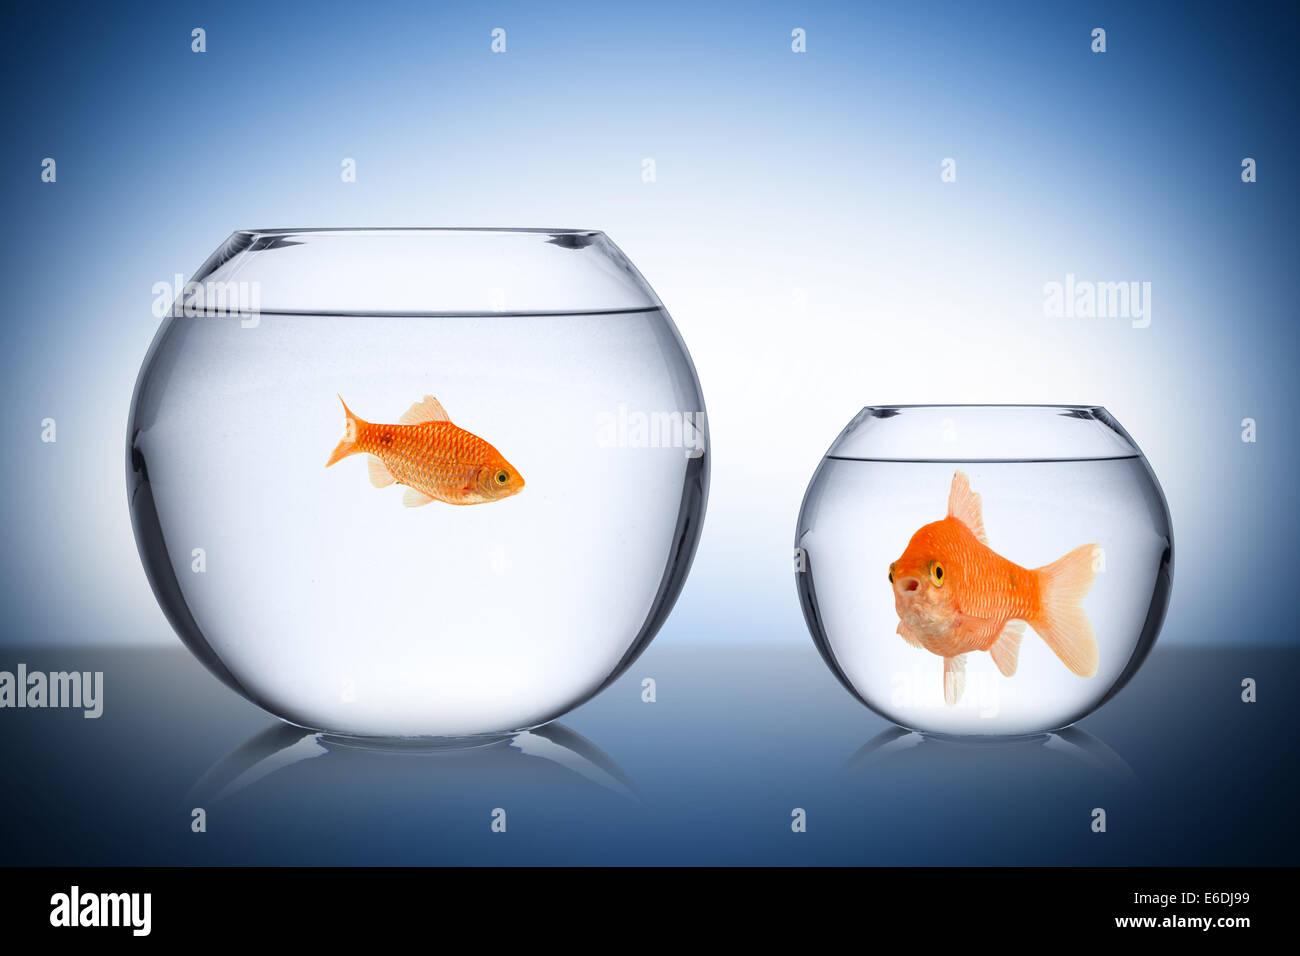 sozial neid konzept mit Fischen - Stock Image